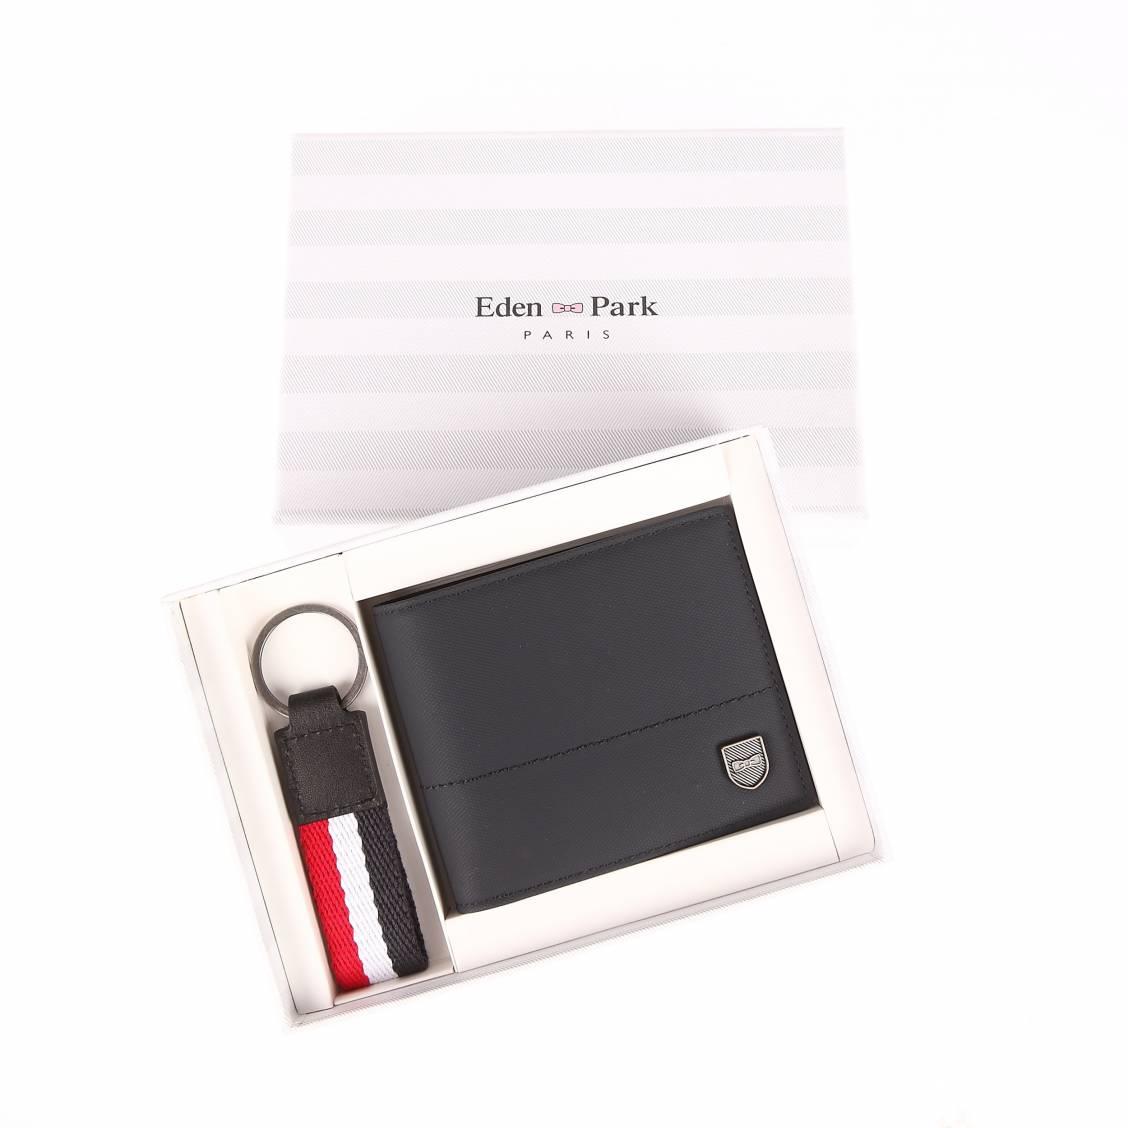 Coffret cadeau  canberra : portefeuille italien 2 volets en toile enduite bleu marine et porte-clefs tricolore